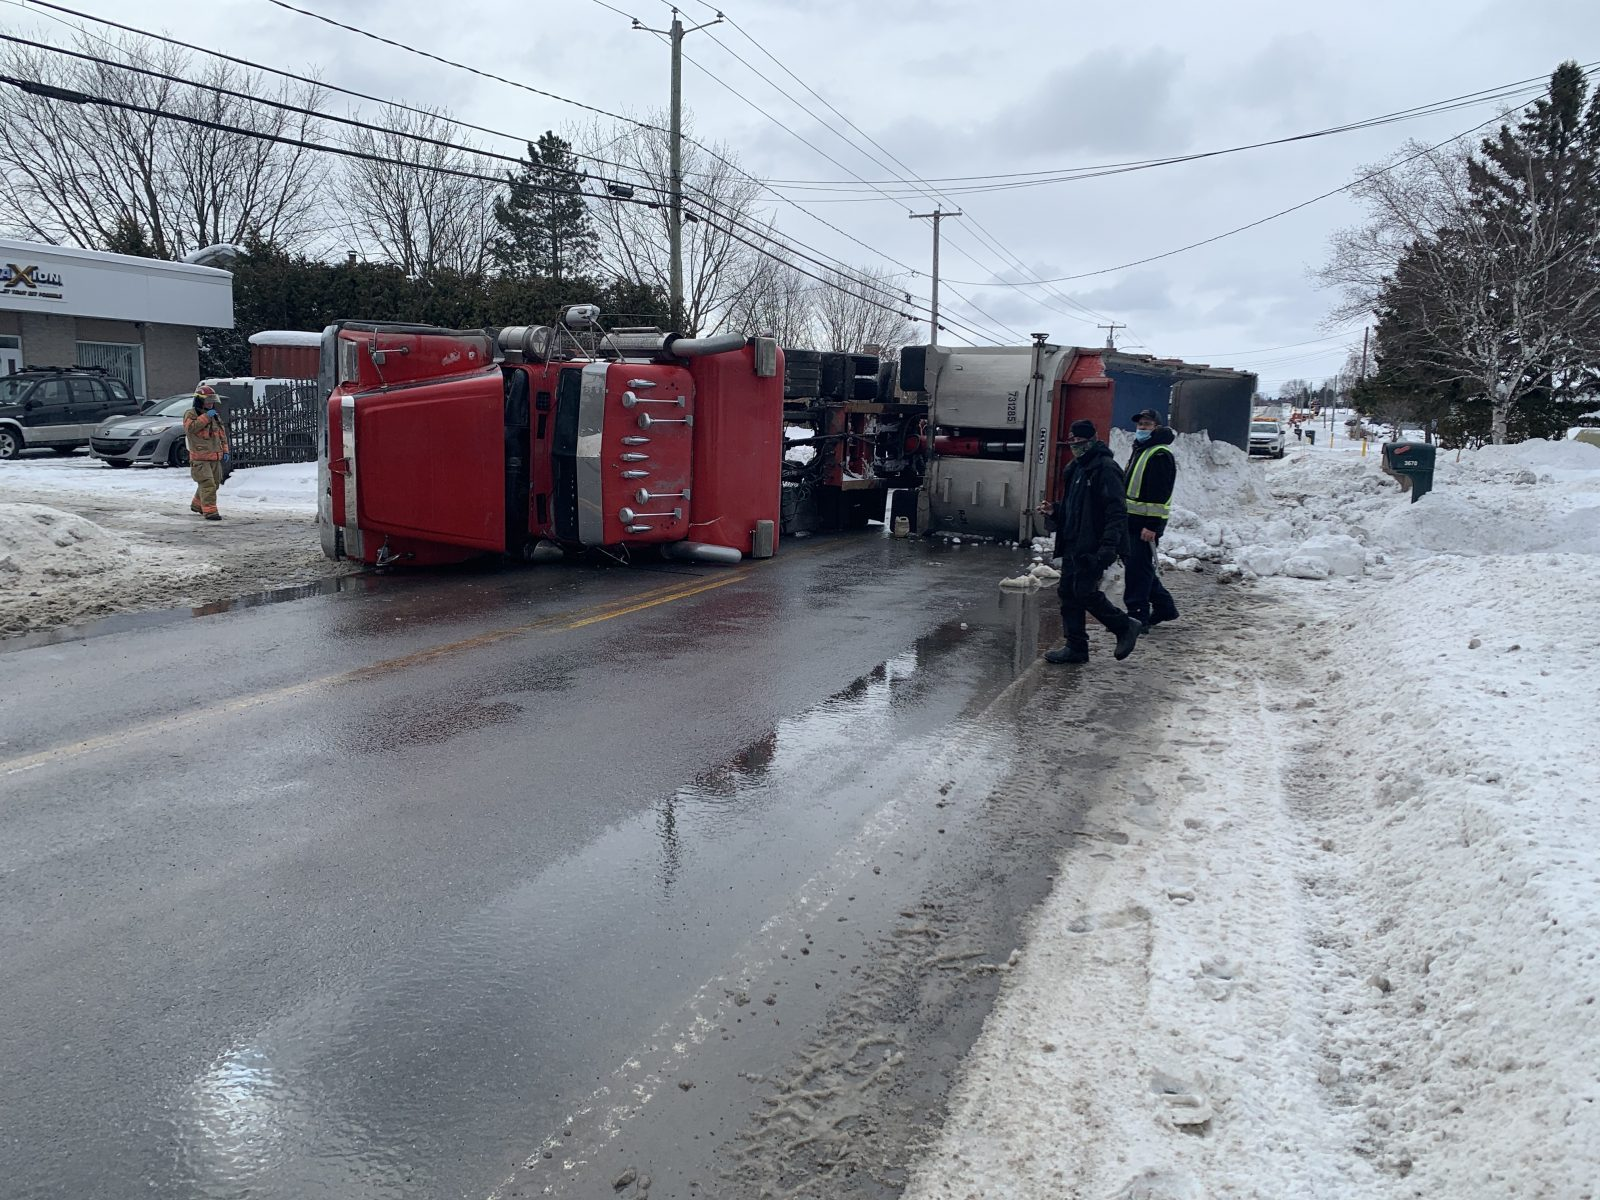 Un camion chargé de neige se renverse à Saint-Germain